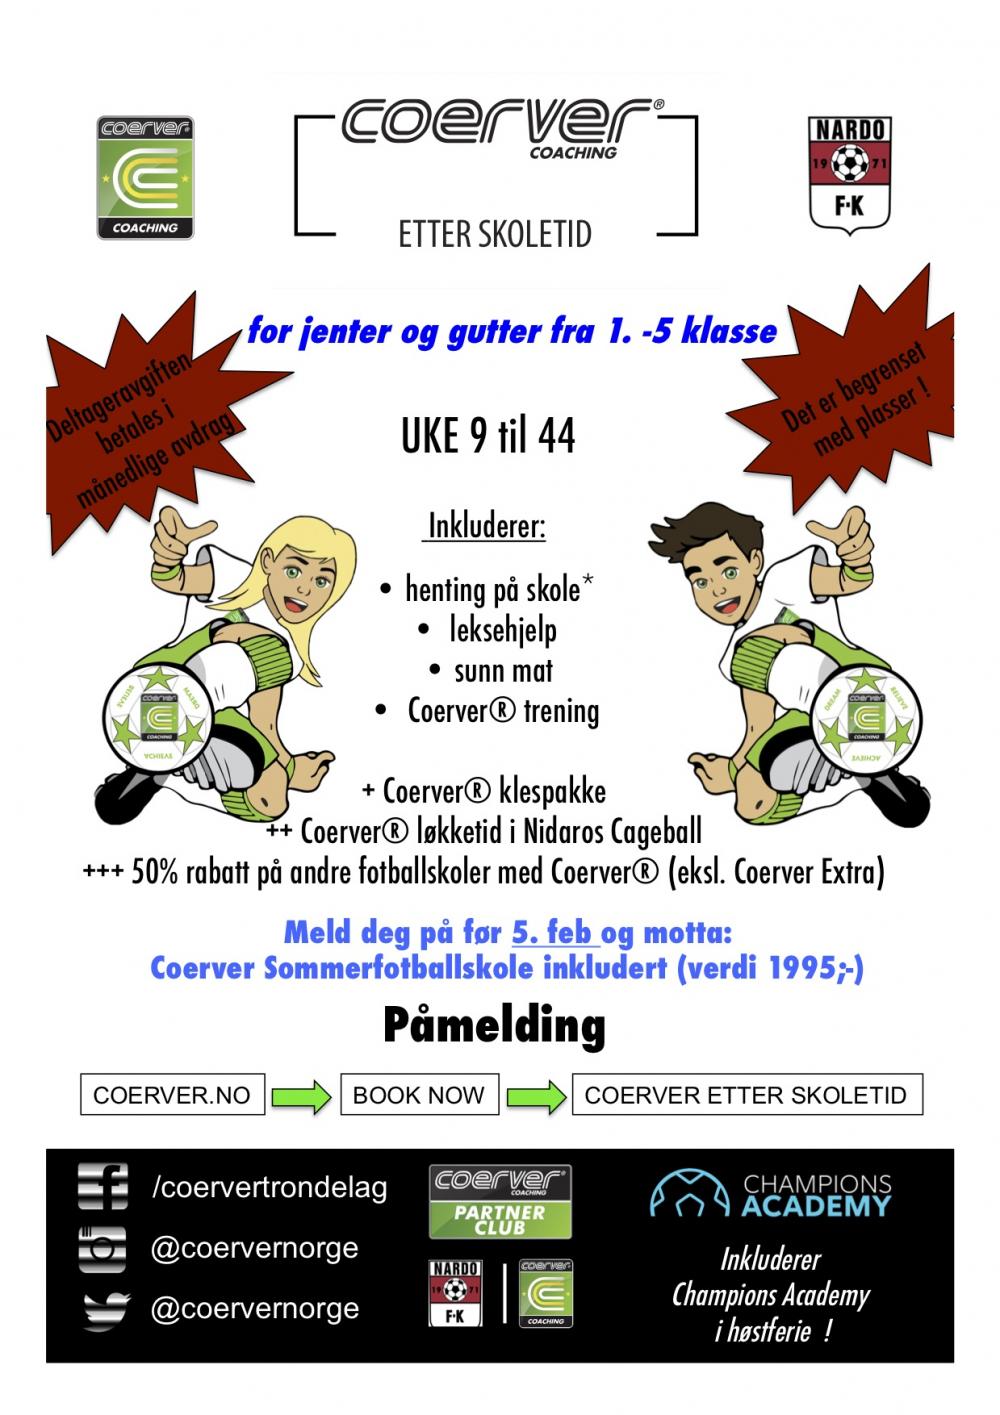 Coerver Nardo FK - FES